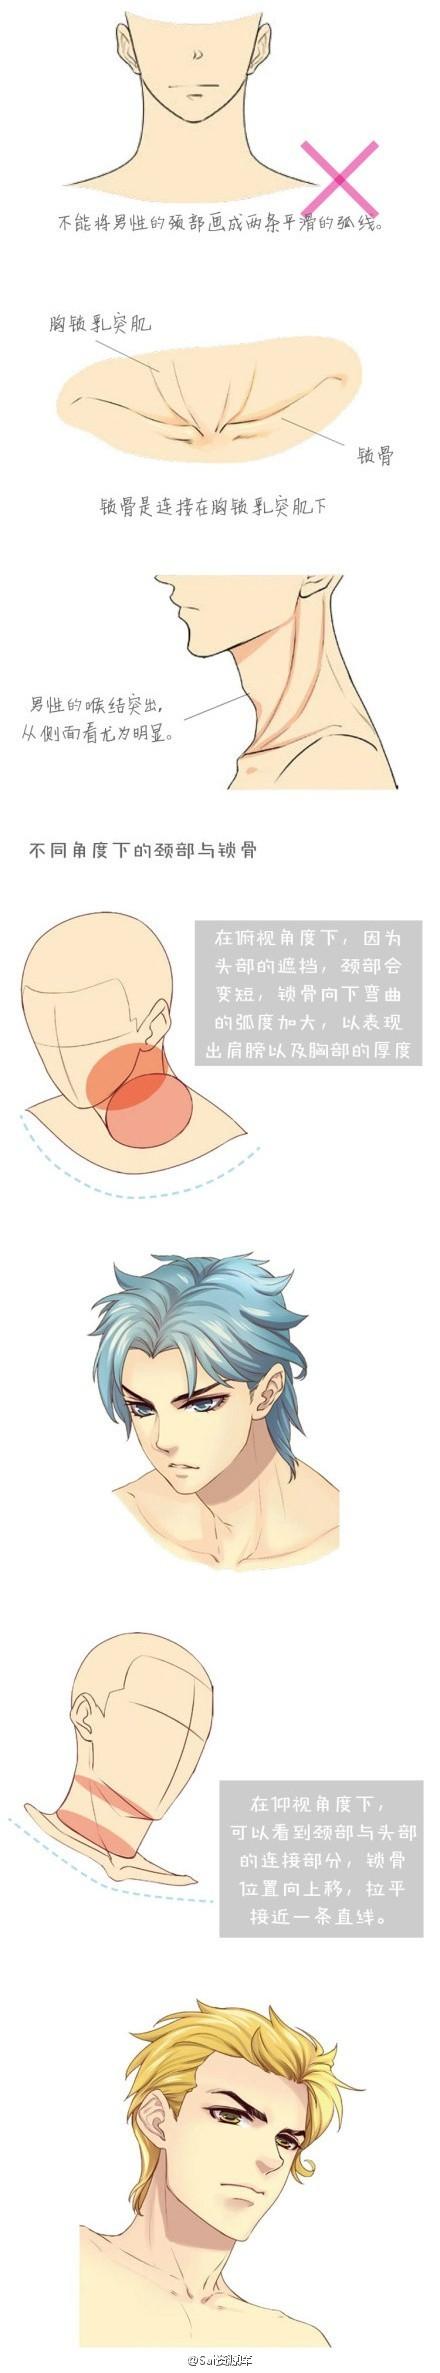 Pin von Asuka Shin auf Tutorial | Pinterest | Zeichnen, Manga und ...